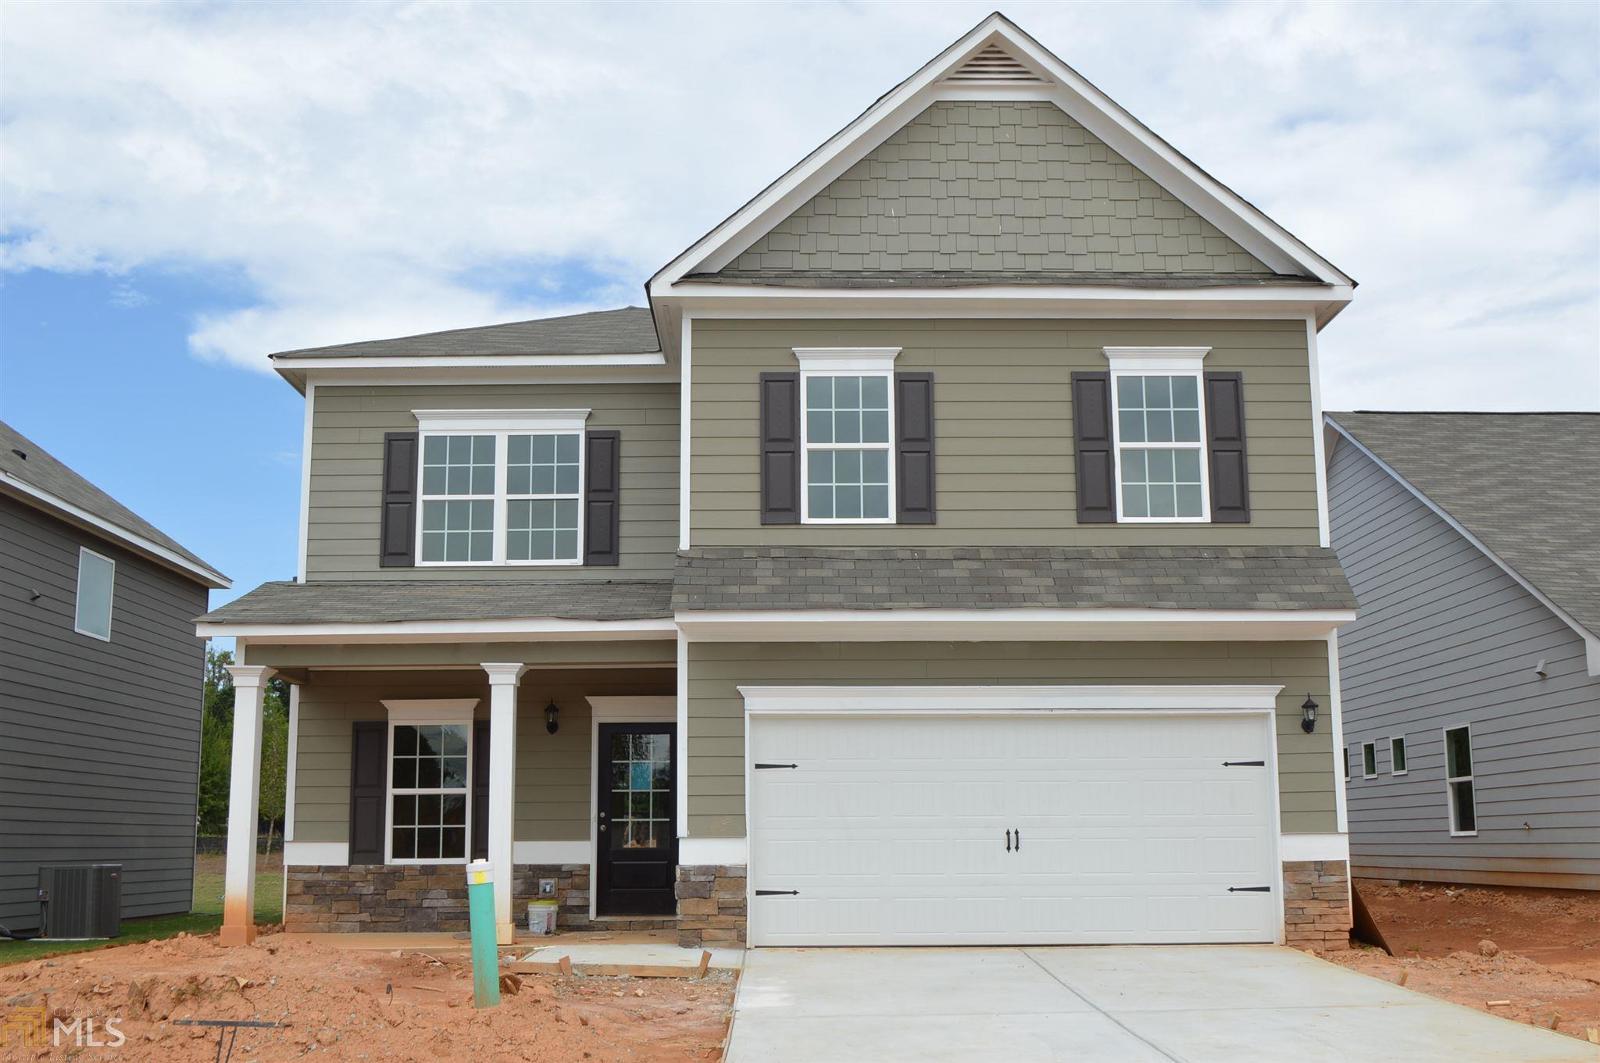 16 cliffbriar ter 11 newnan ga mls 8221050 for Home builders newnan ga